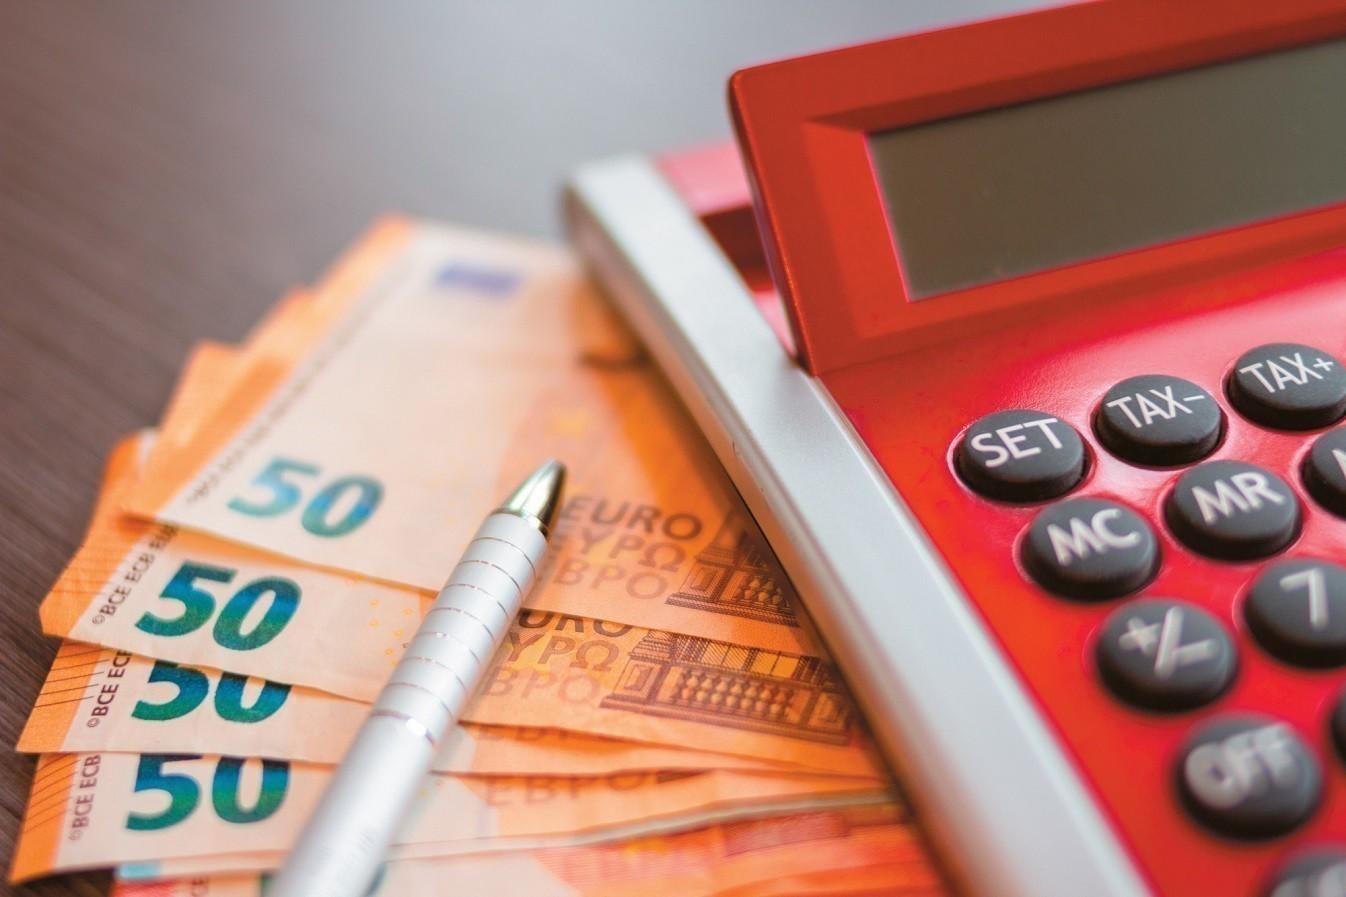 Ταμείο Ανάκαμψης: Οι 15 μεταρρυθμίσεις που απαιτούνται για να πάρει η Ελλάδα 3,5 δισ. ευρώ